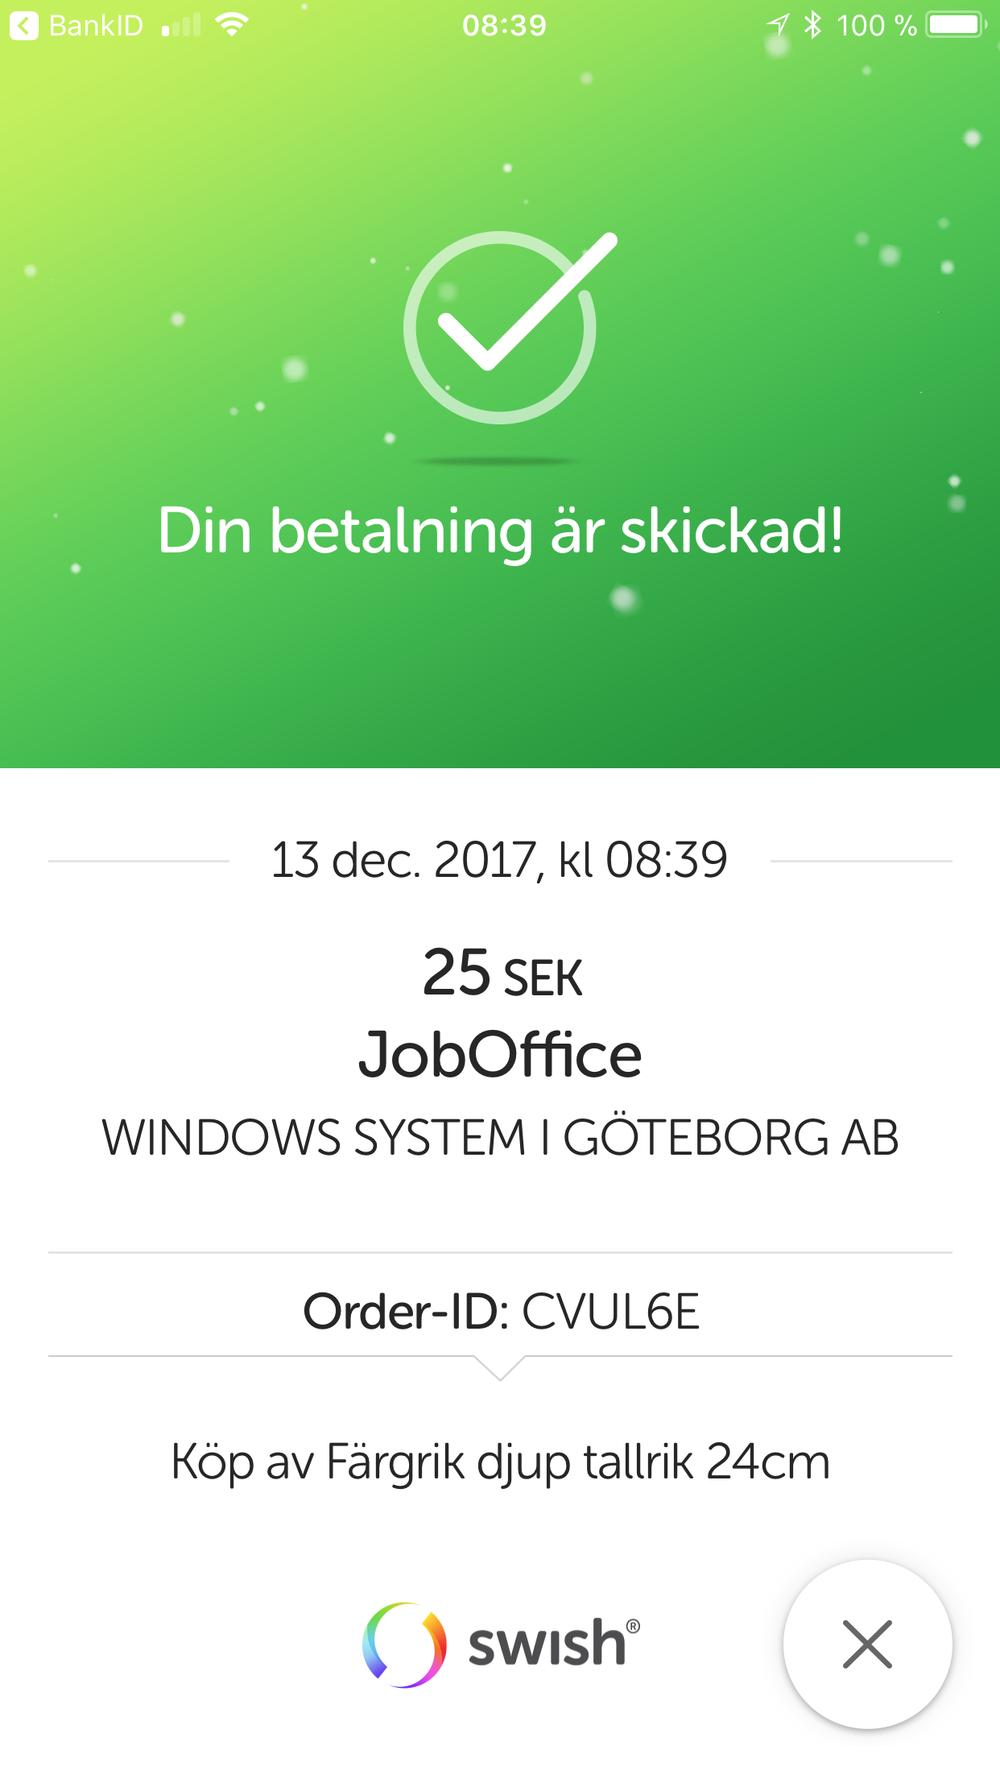 Slutför betalningen i mobilen med Swish Handel och JobOffice Kassa